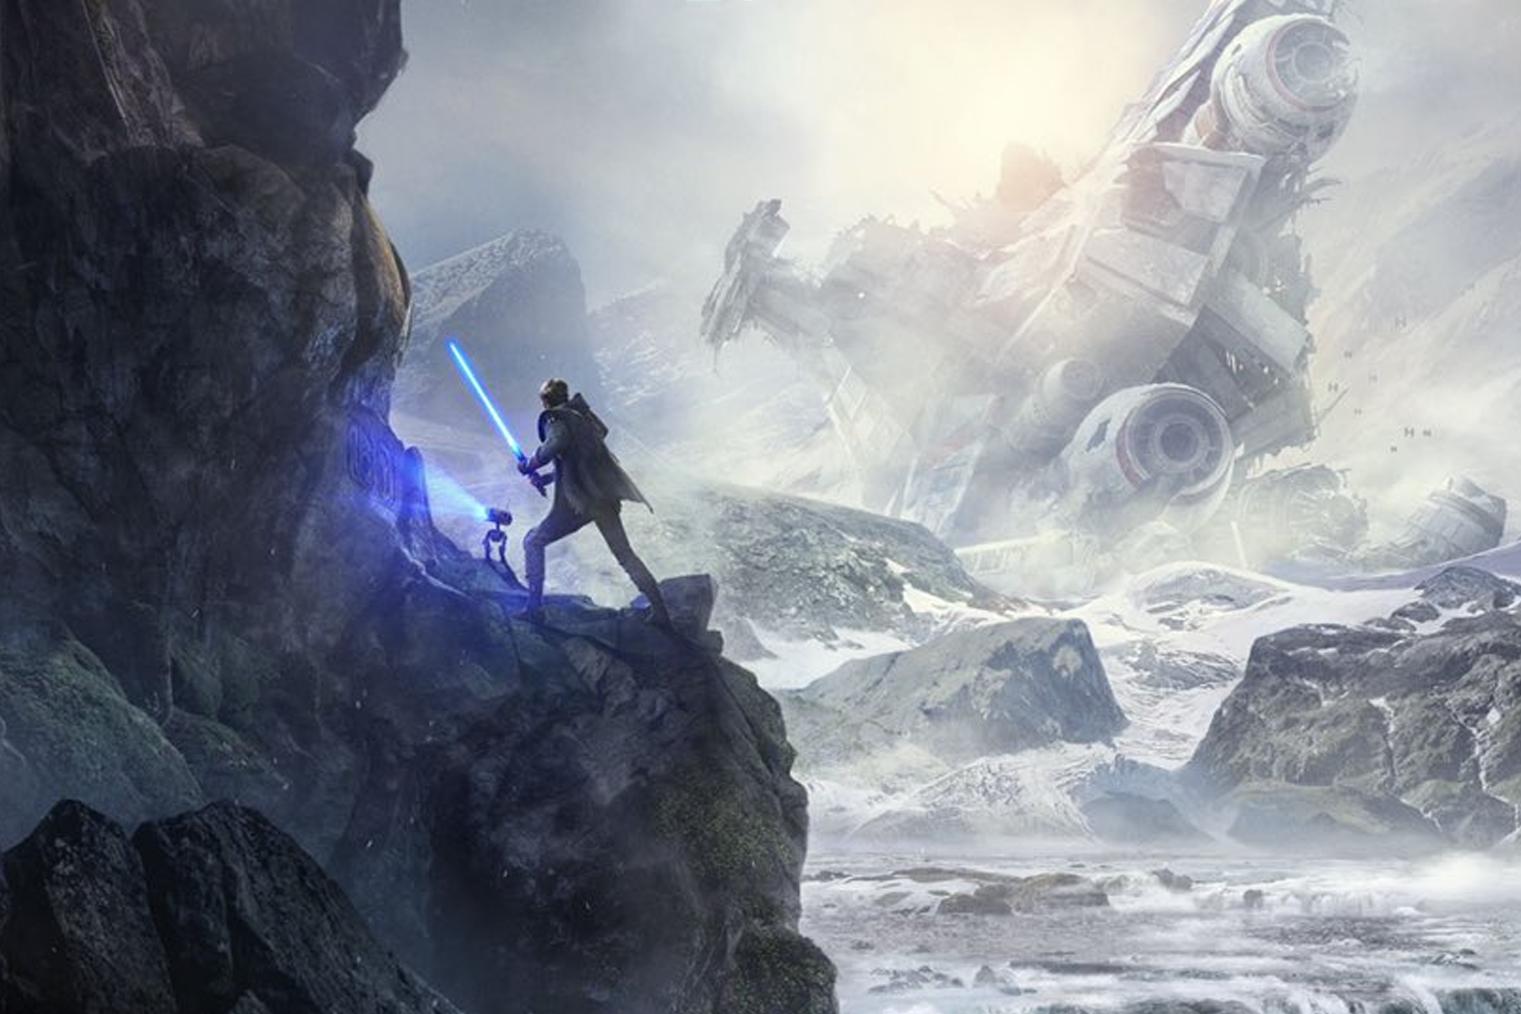 Premiärtrailern för Star Wars Jedi: Fallen Order är här